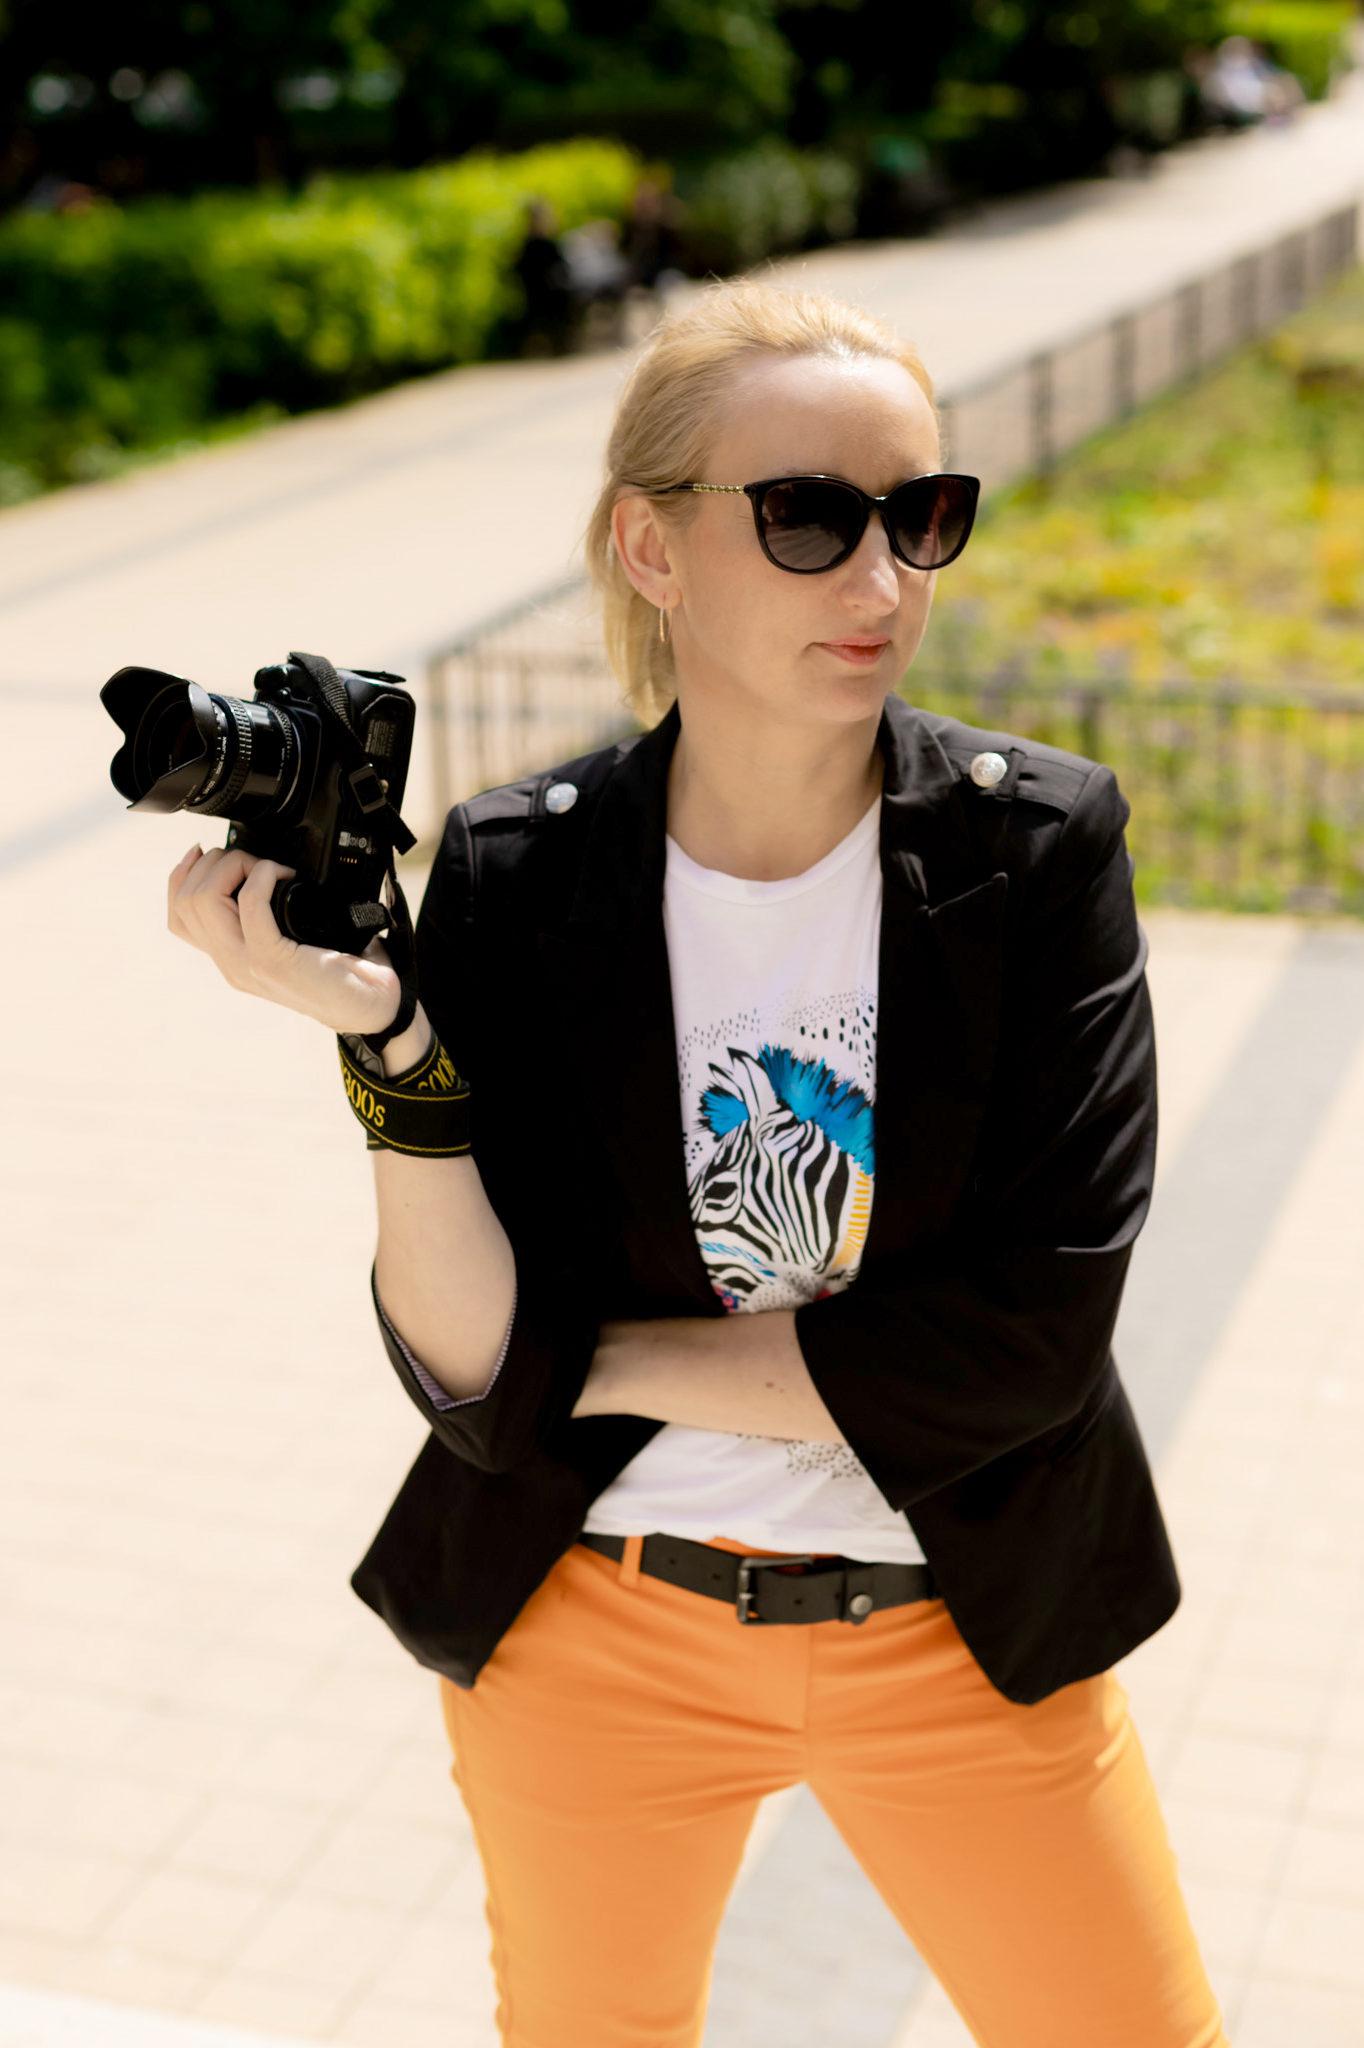 Budapest Lady Photographer